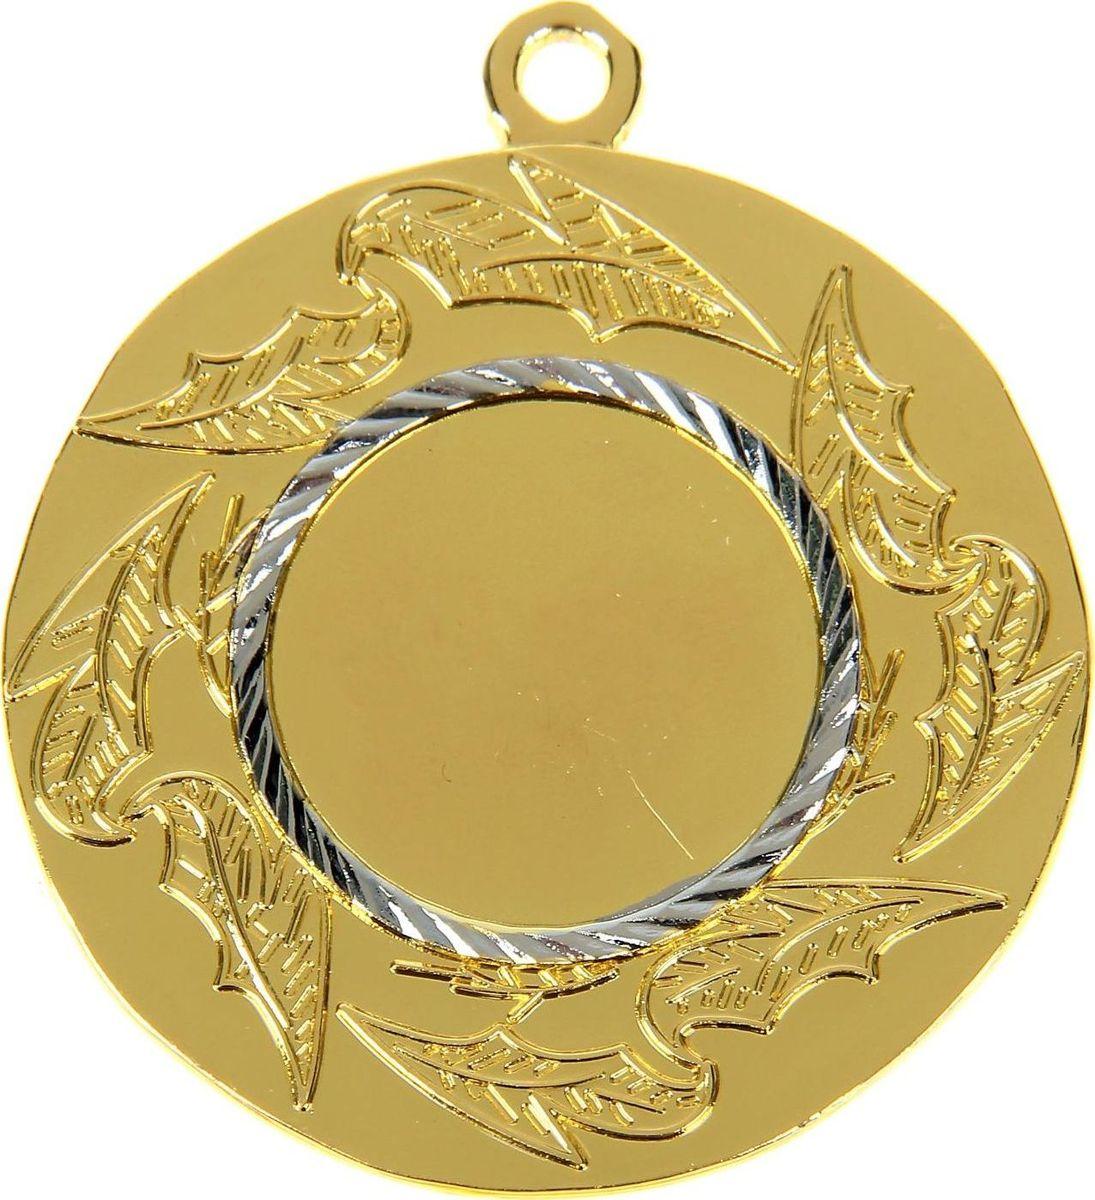 Медаль сувенирная с местом для гравировки, цвет: золотистый, серебристый, диаметр 5 см. 10282611028261Медаль — знак отличия, которым награждают самых достойных. Она вручается лишь тем, кто проявил настойчивость и волю к победе. Каждое достижение — это важное событие, которое должно остаться в памяти на долгие годы. Любое спортивное состязание, профессиональное или среди любителей, любое корпоративное мероприятие — отличный повод для того, чтобы отметить лучших из лучших. Характеристики:Диаметр медали: 5 см Диаметр вкладыша (лицо): 2,5 см Диаметр вкладыша (оборот): 4,5 см.